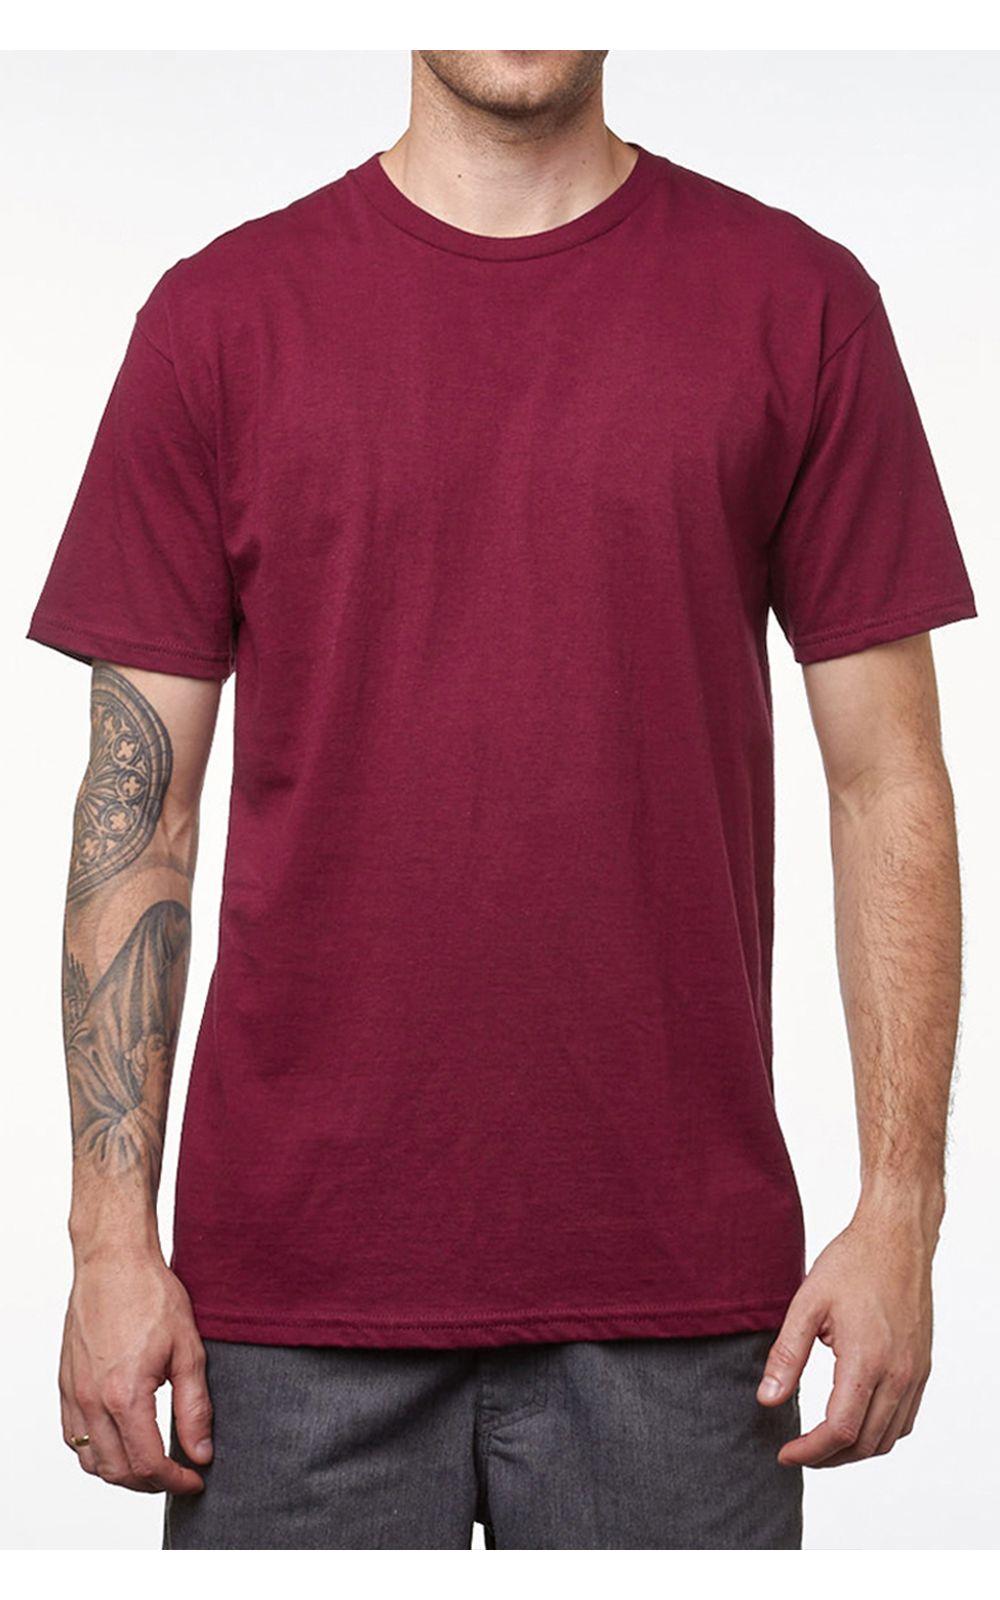 Camiseta-Tubo-Vinho-frente_c